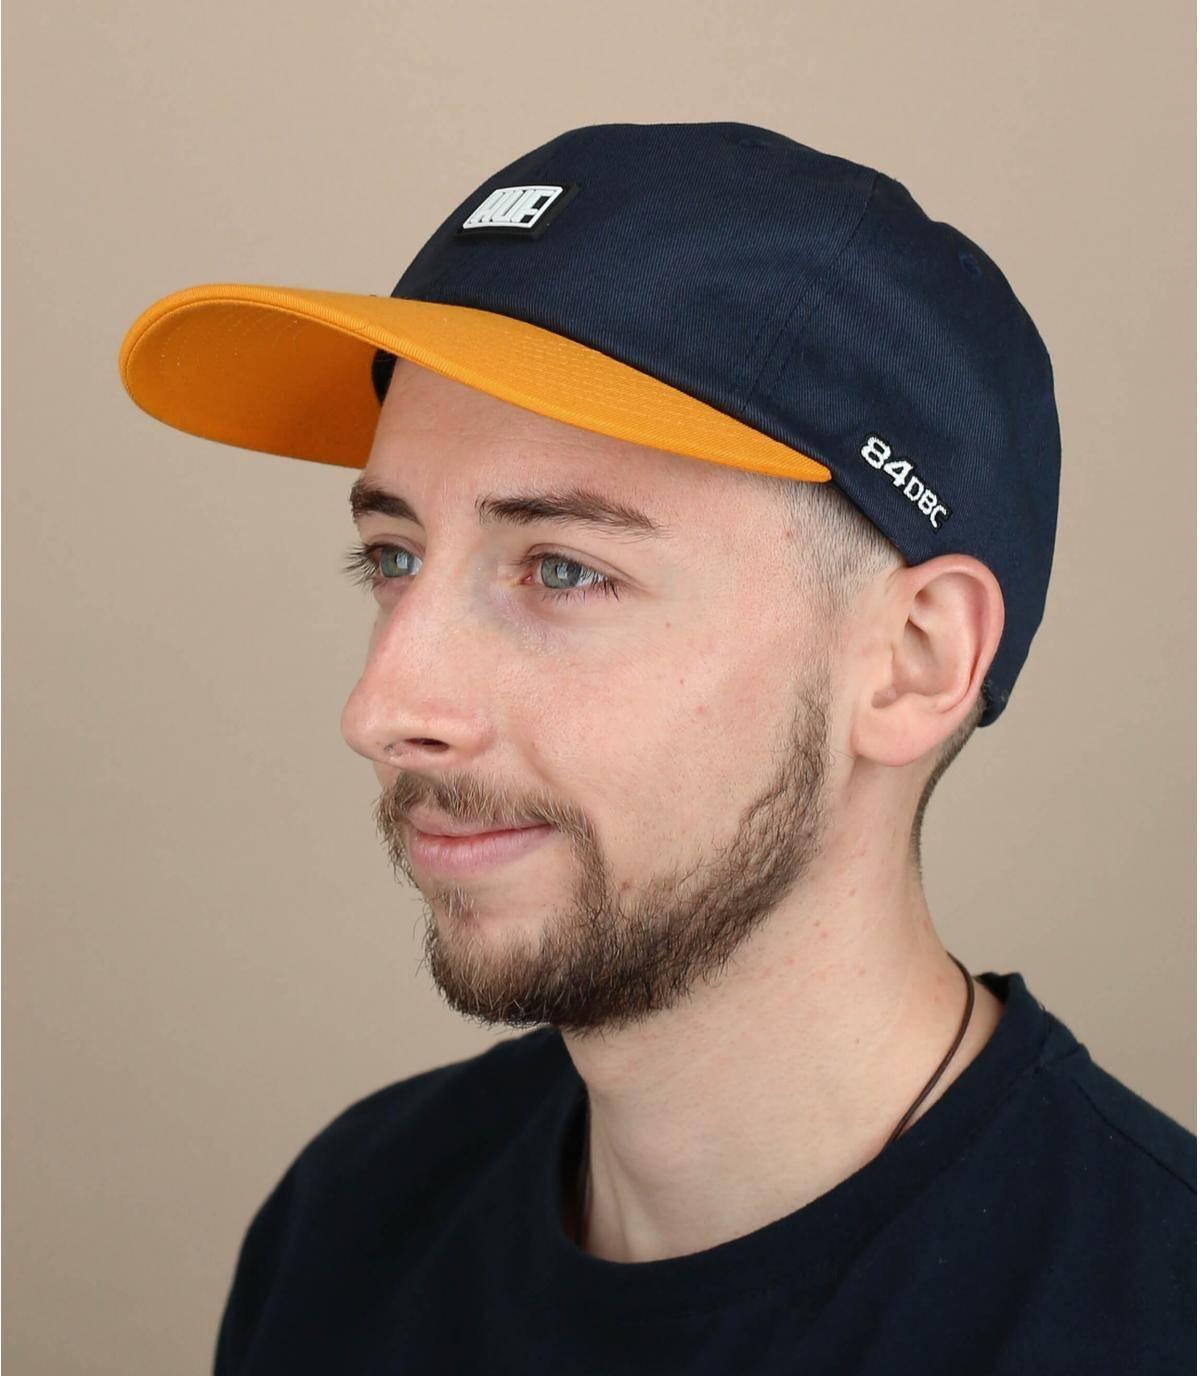 cappellino Huf blu giallo